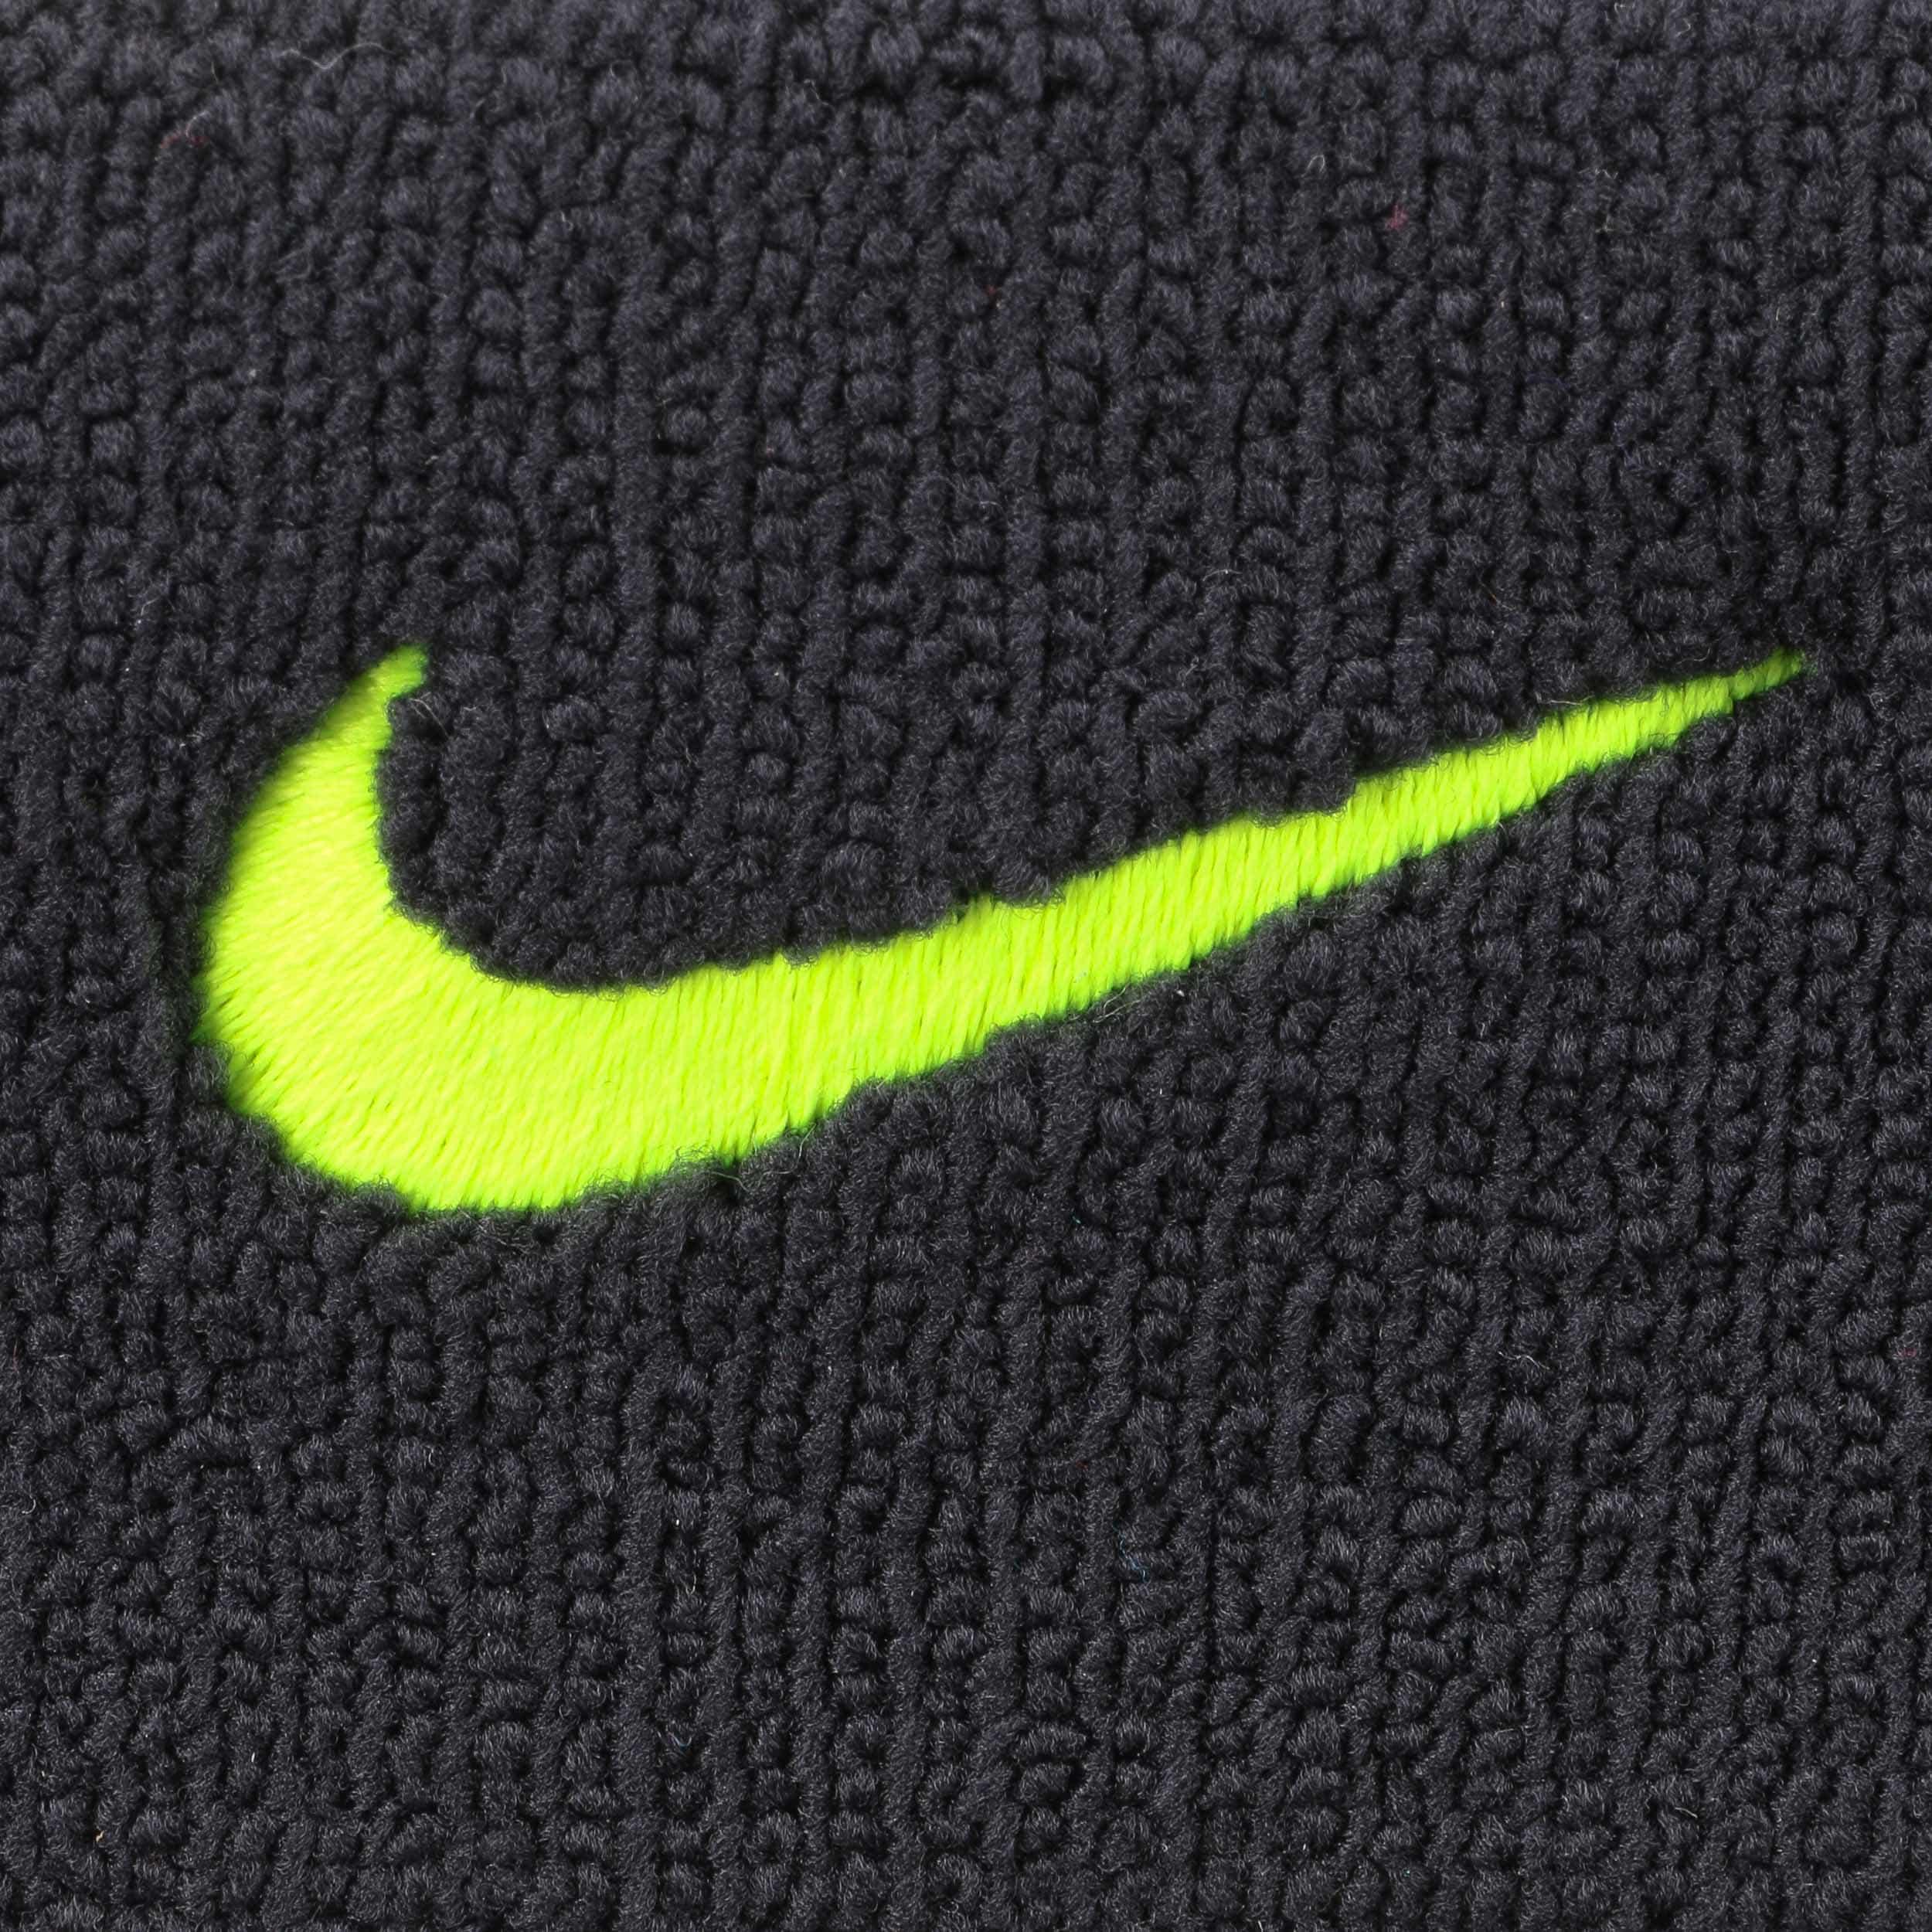 ... Dri-FIT Headband 2.0 by Nike - black-yellow 1 ... f7977b9db4b